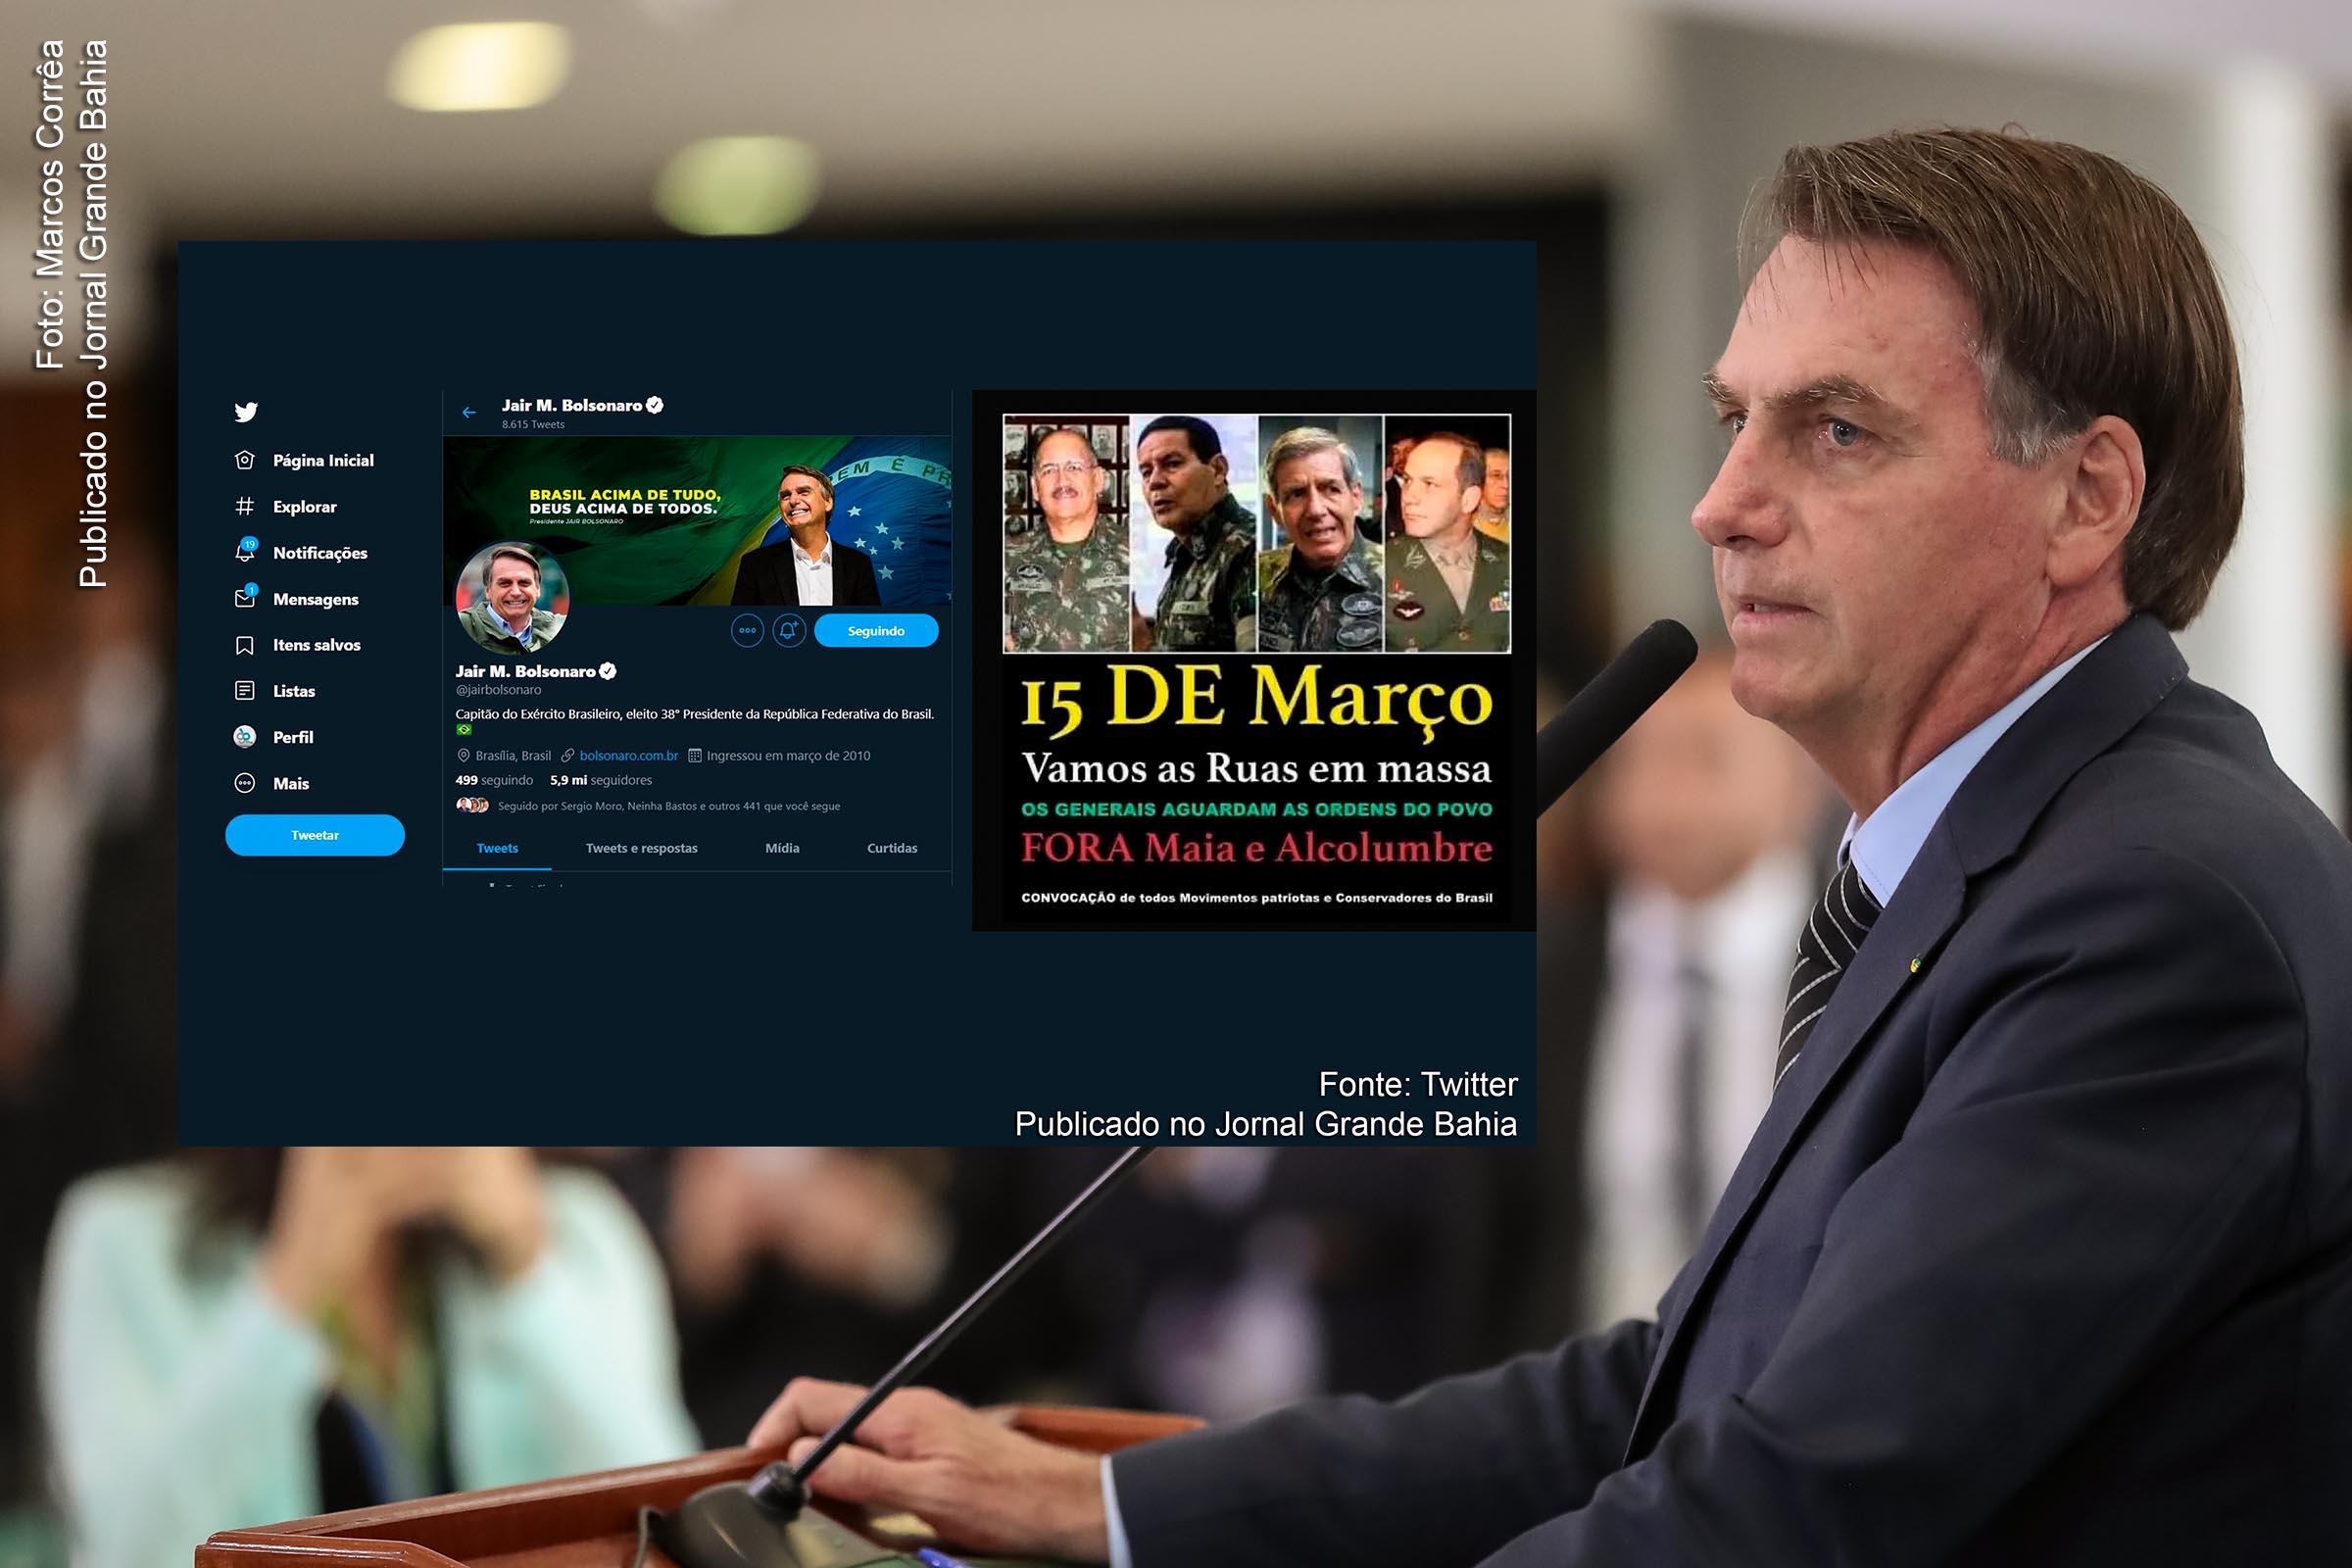 Extremista de direita Jair Bolsonaro age contra o equilíbrio in